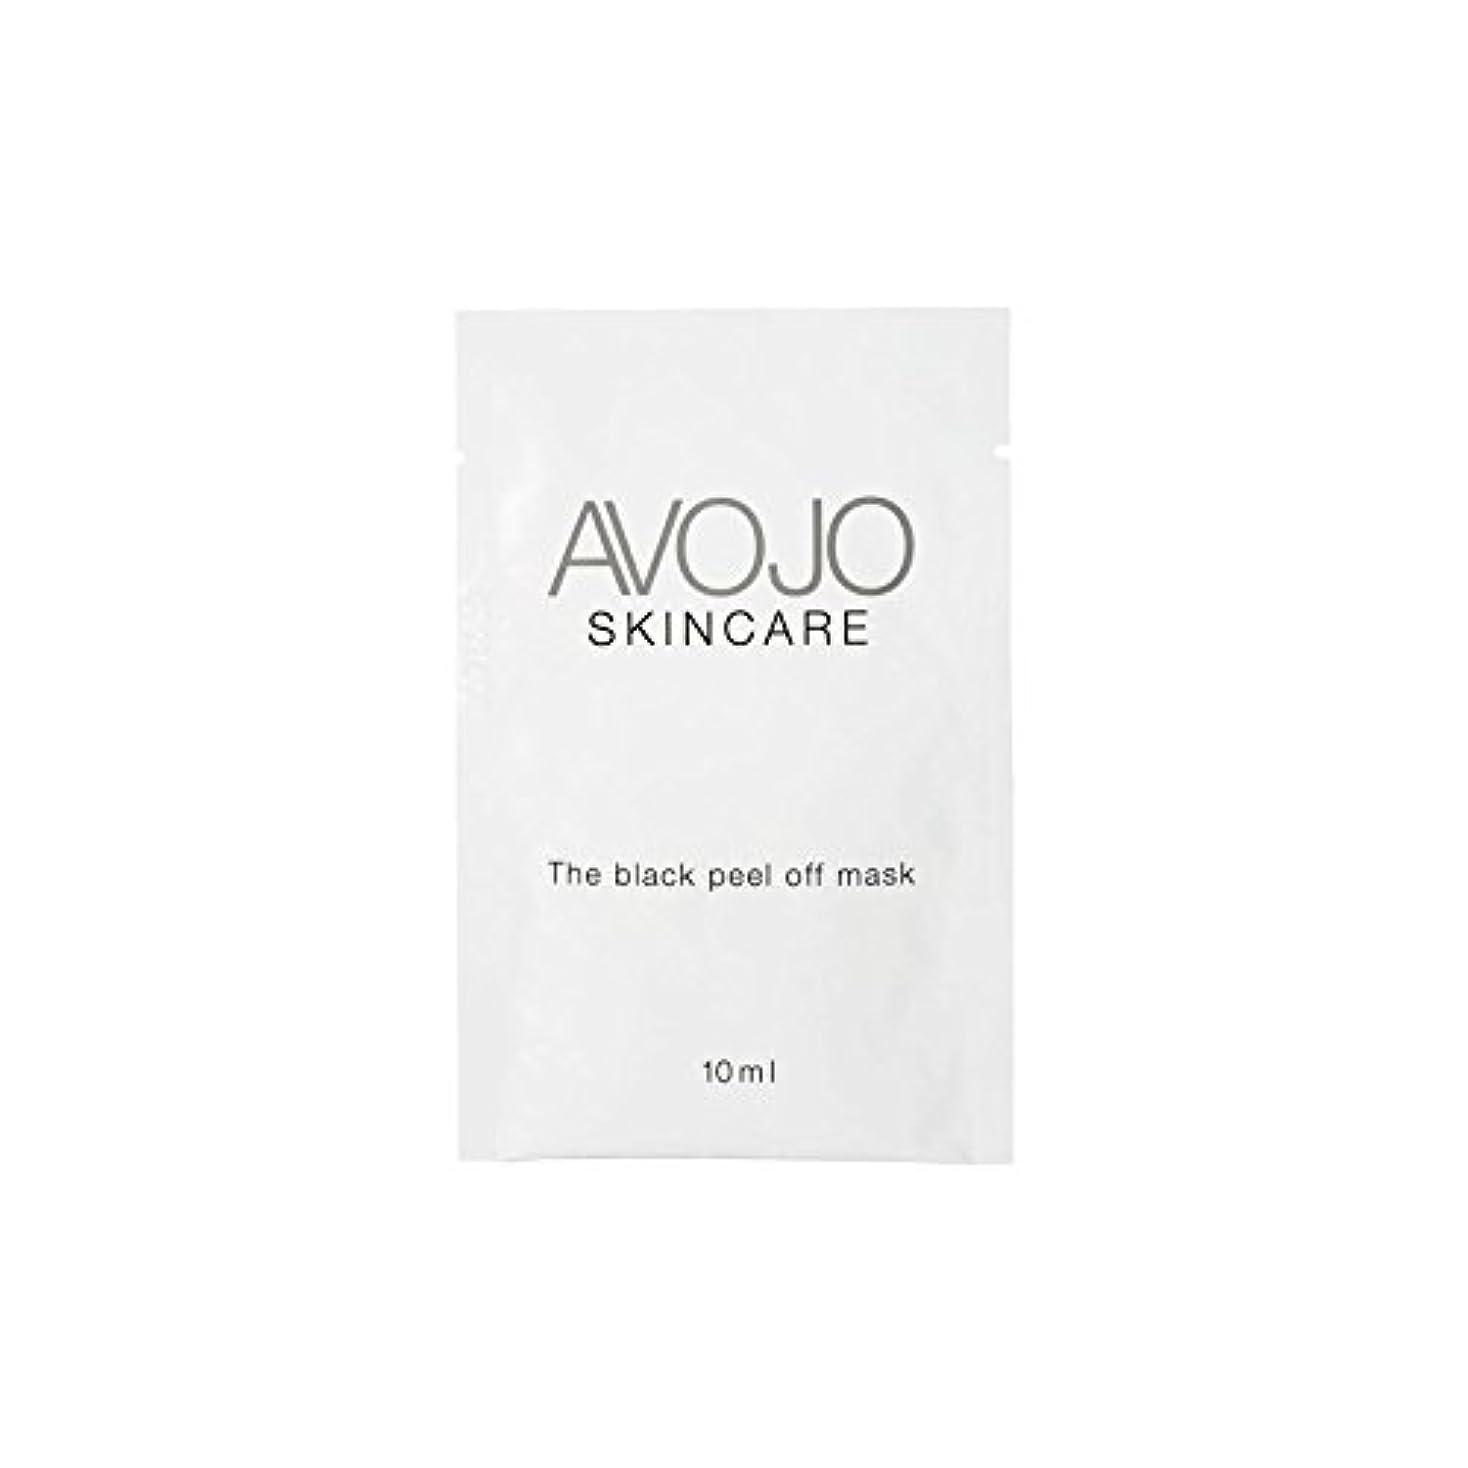 介入する生主張する- ブラックピールオフマスク - 小袋(10ミリリットル×4) x4 - Avojo - The Black Peel Off Mask - Sachet (10ml X 4) (Pack of 4) [並行輸入品]